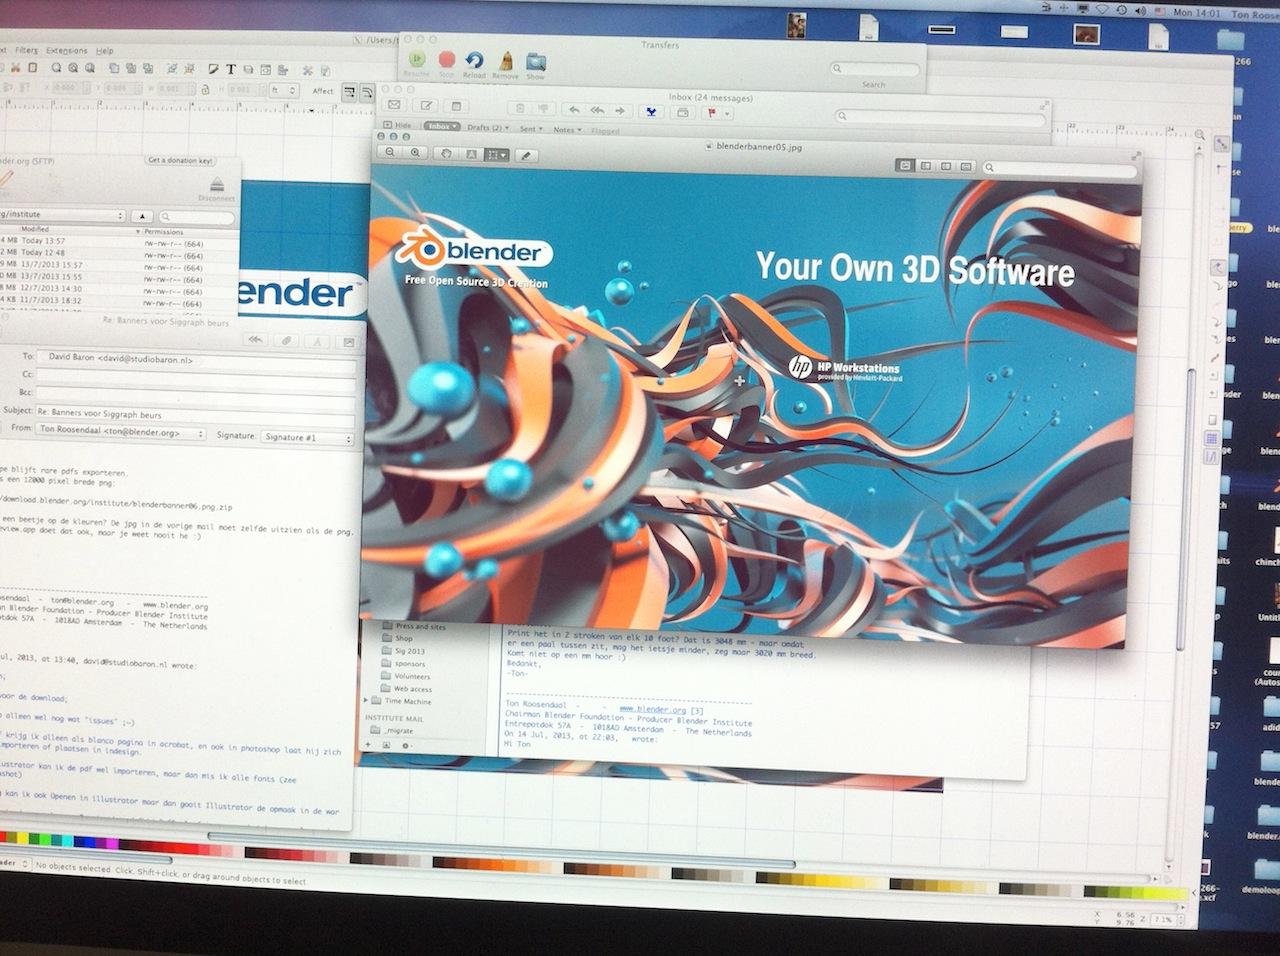 http://www.blender.org/bf/rt.jpg